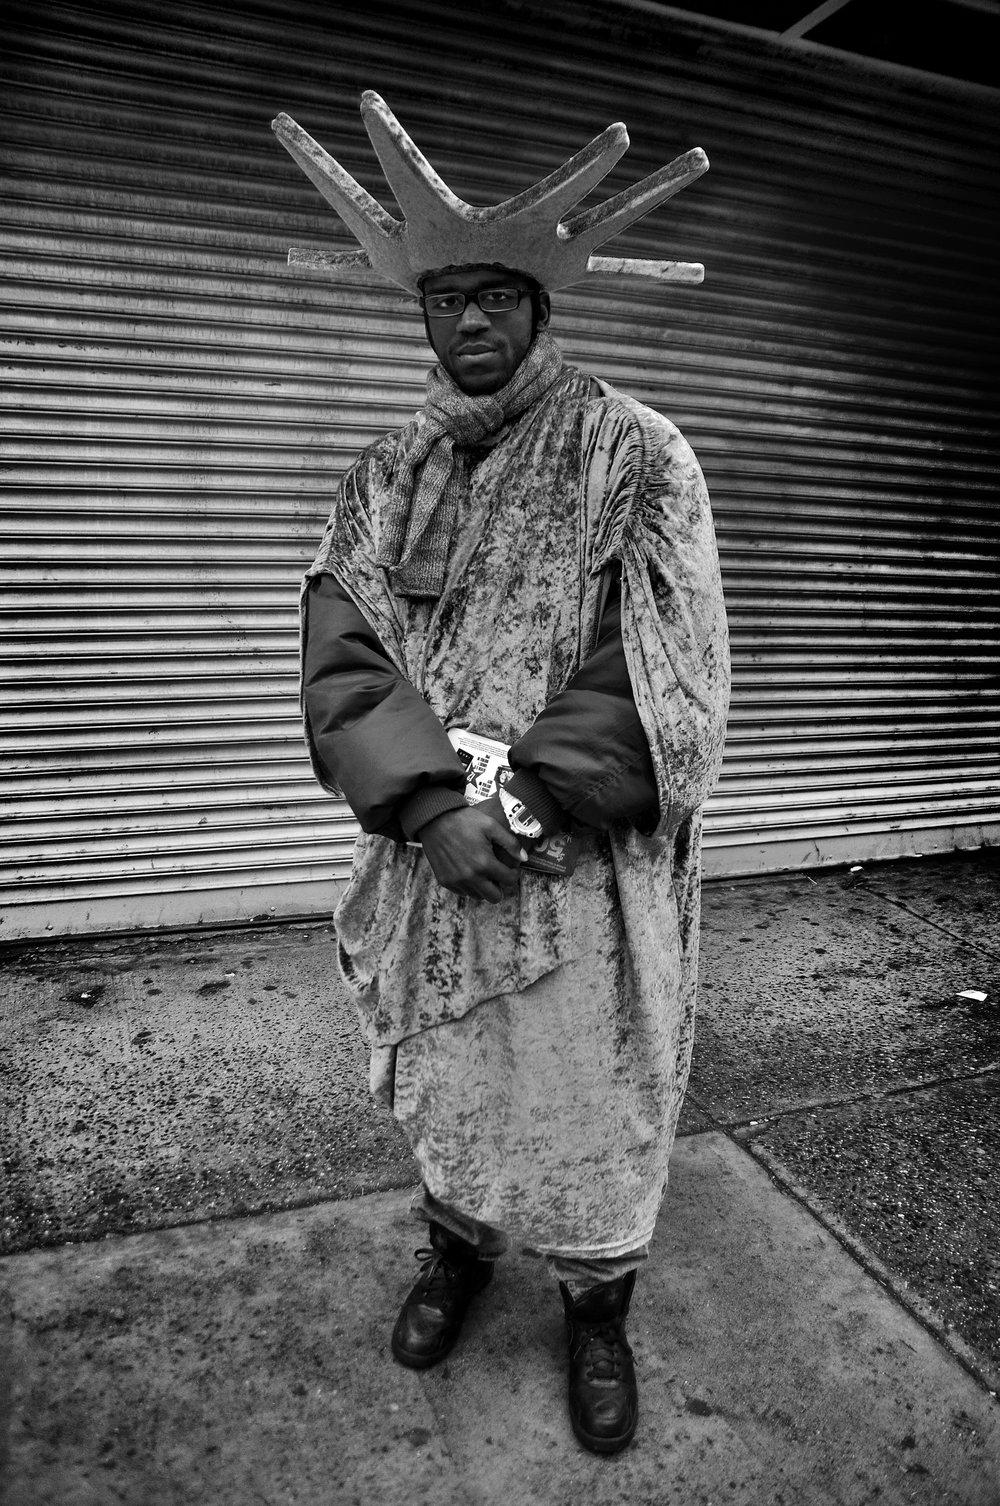 Harlem, 2013